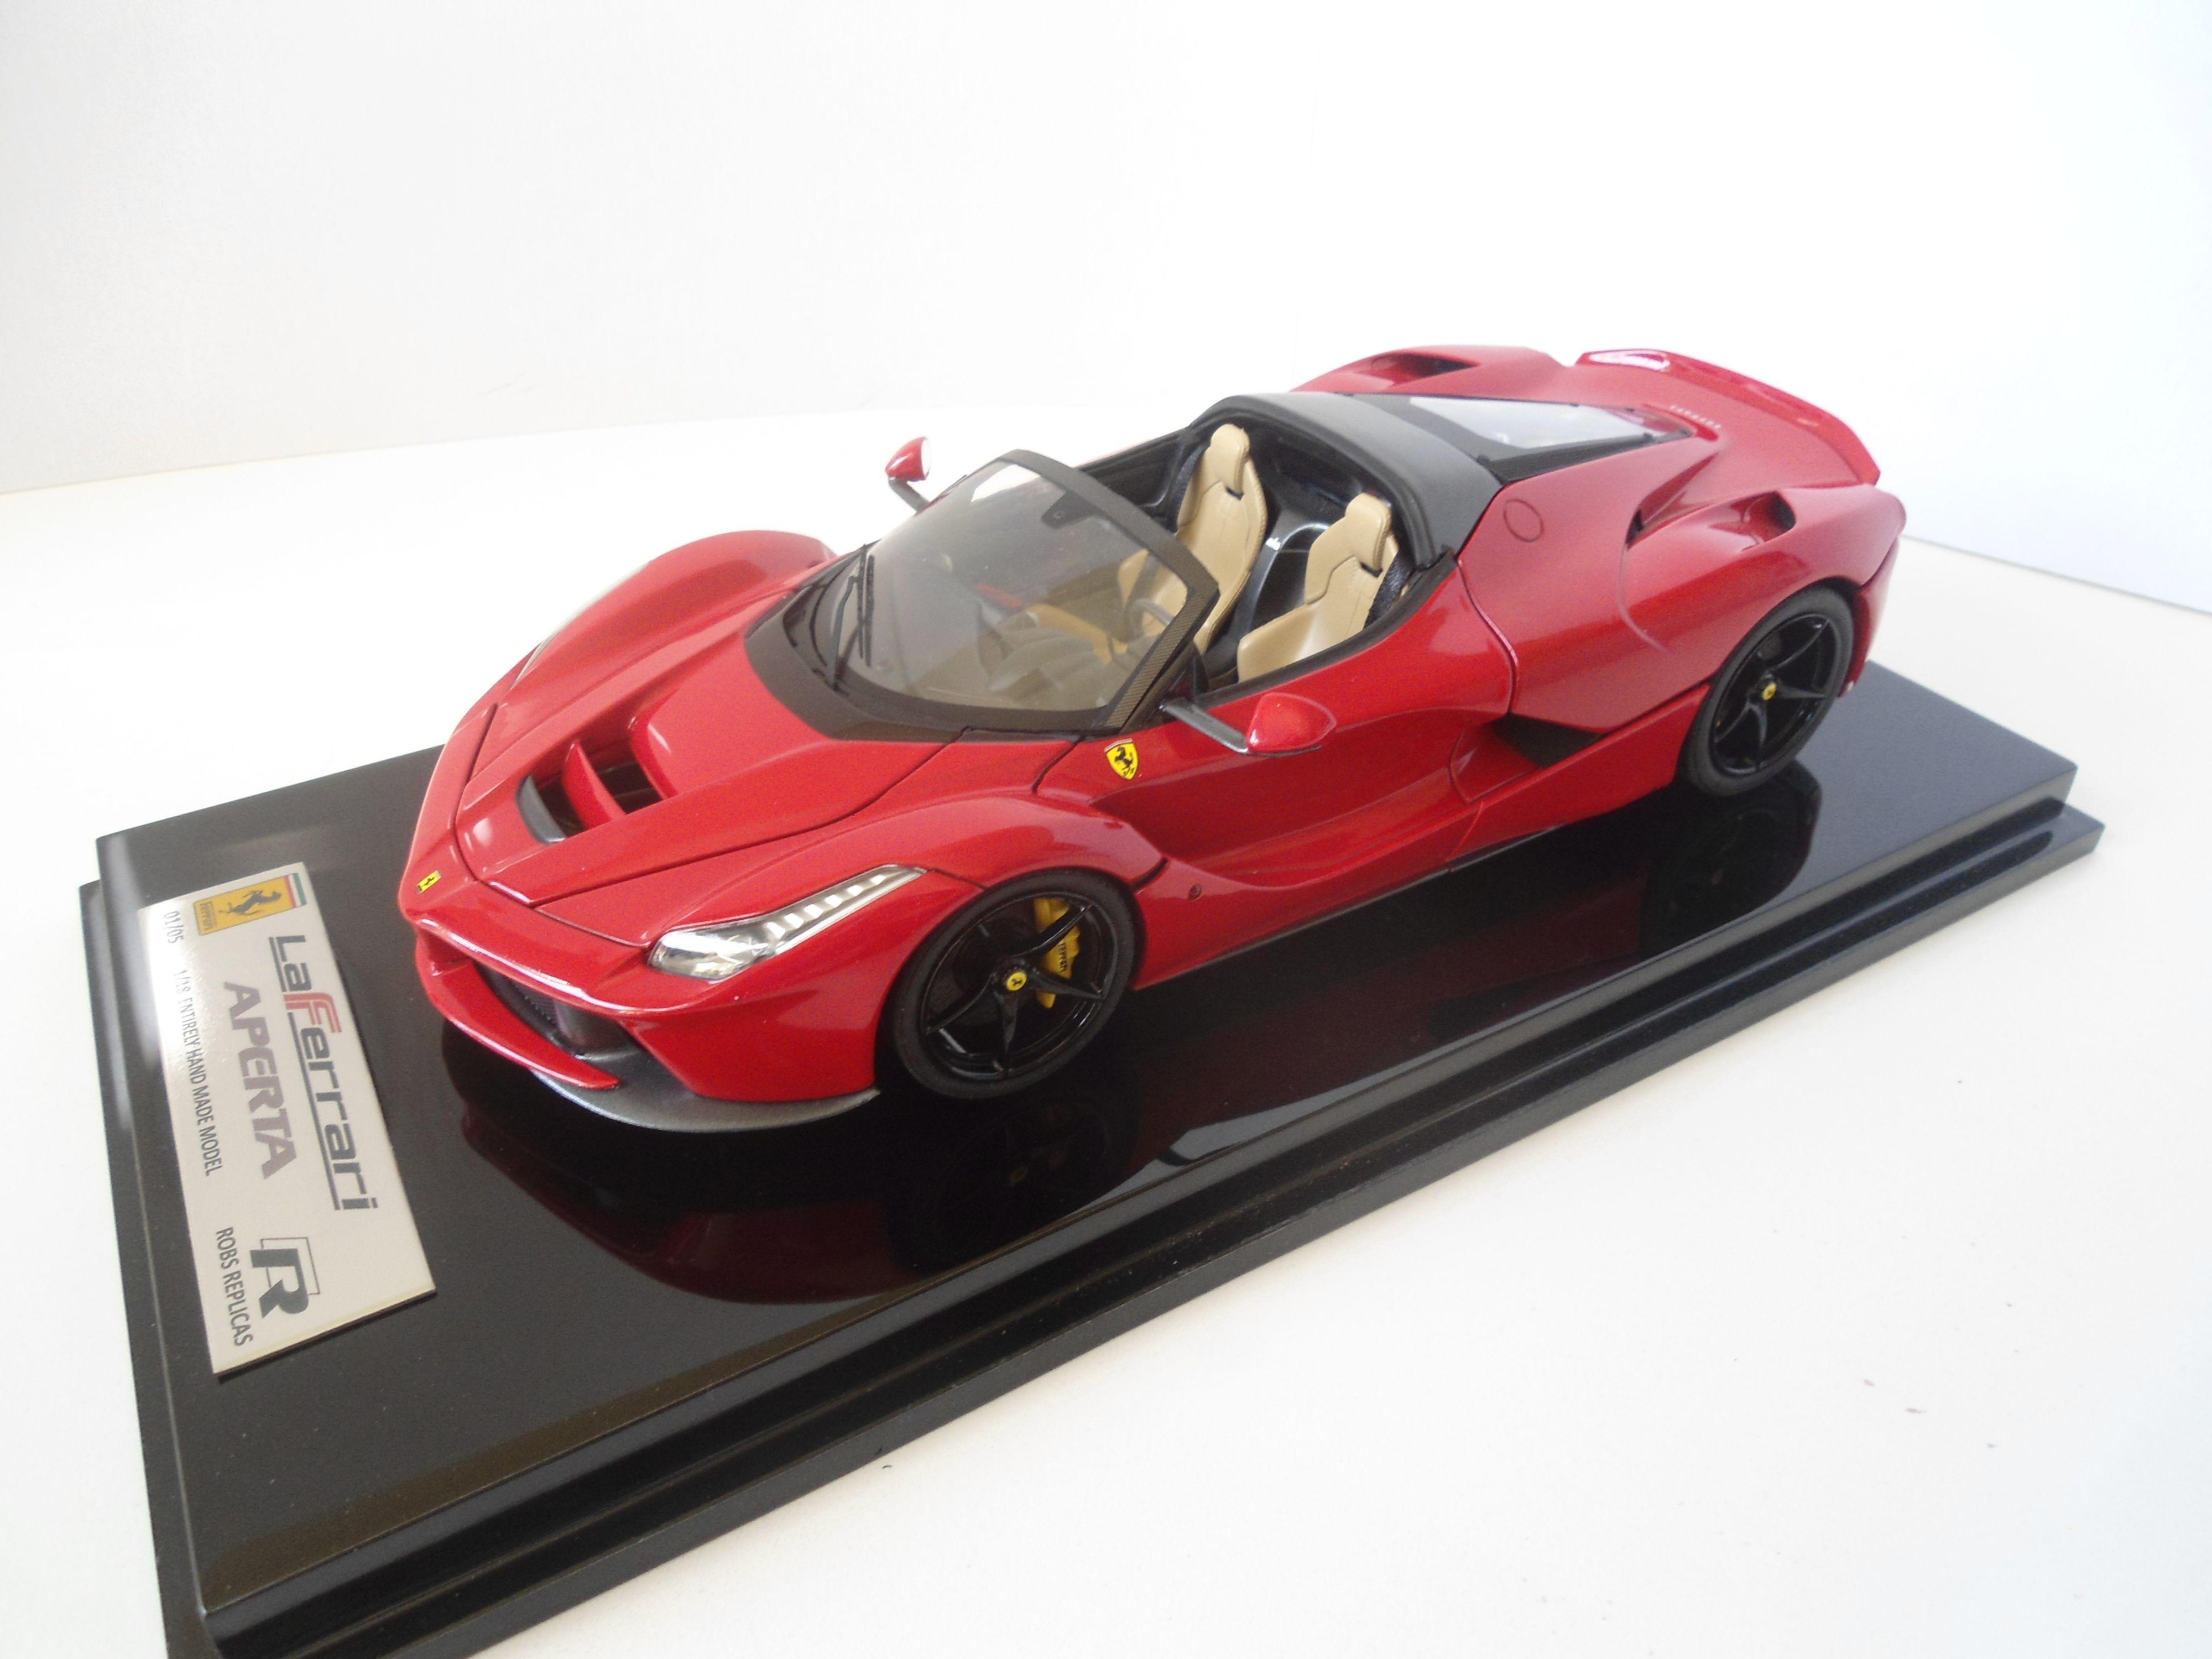 1/18 Robs Replicas Ferrari LaFerrari Aperta In Rosso Corsa 322. Black  Wheelsu2026